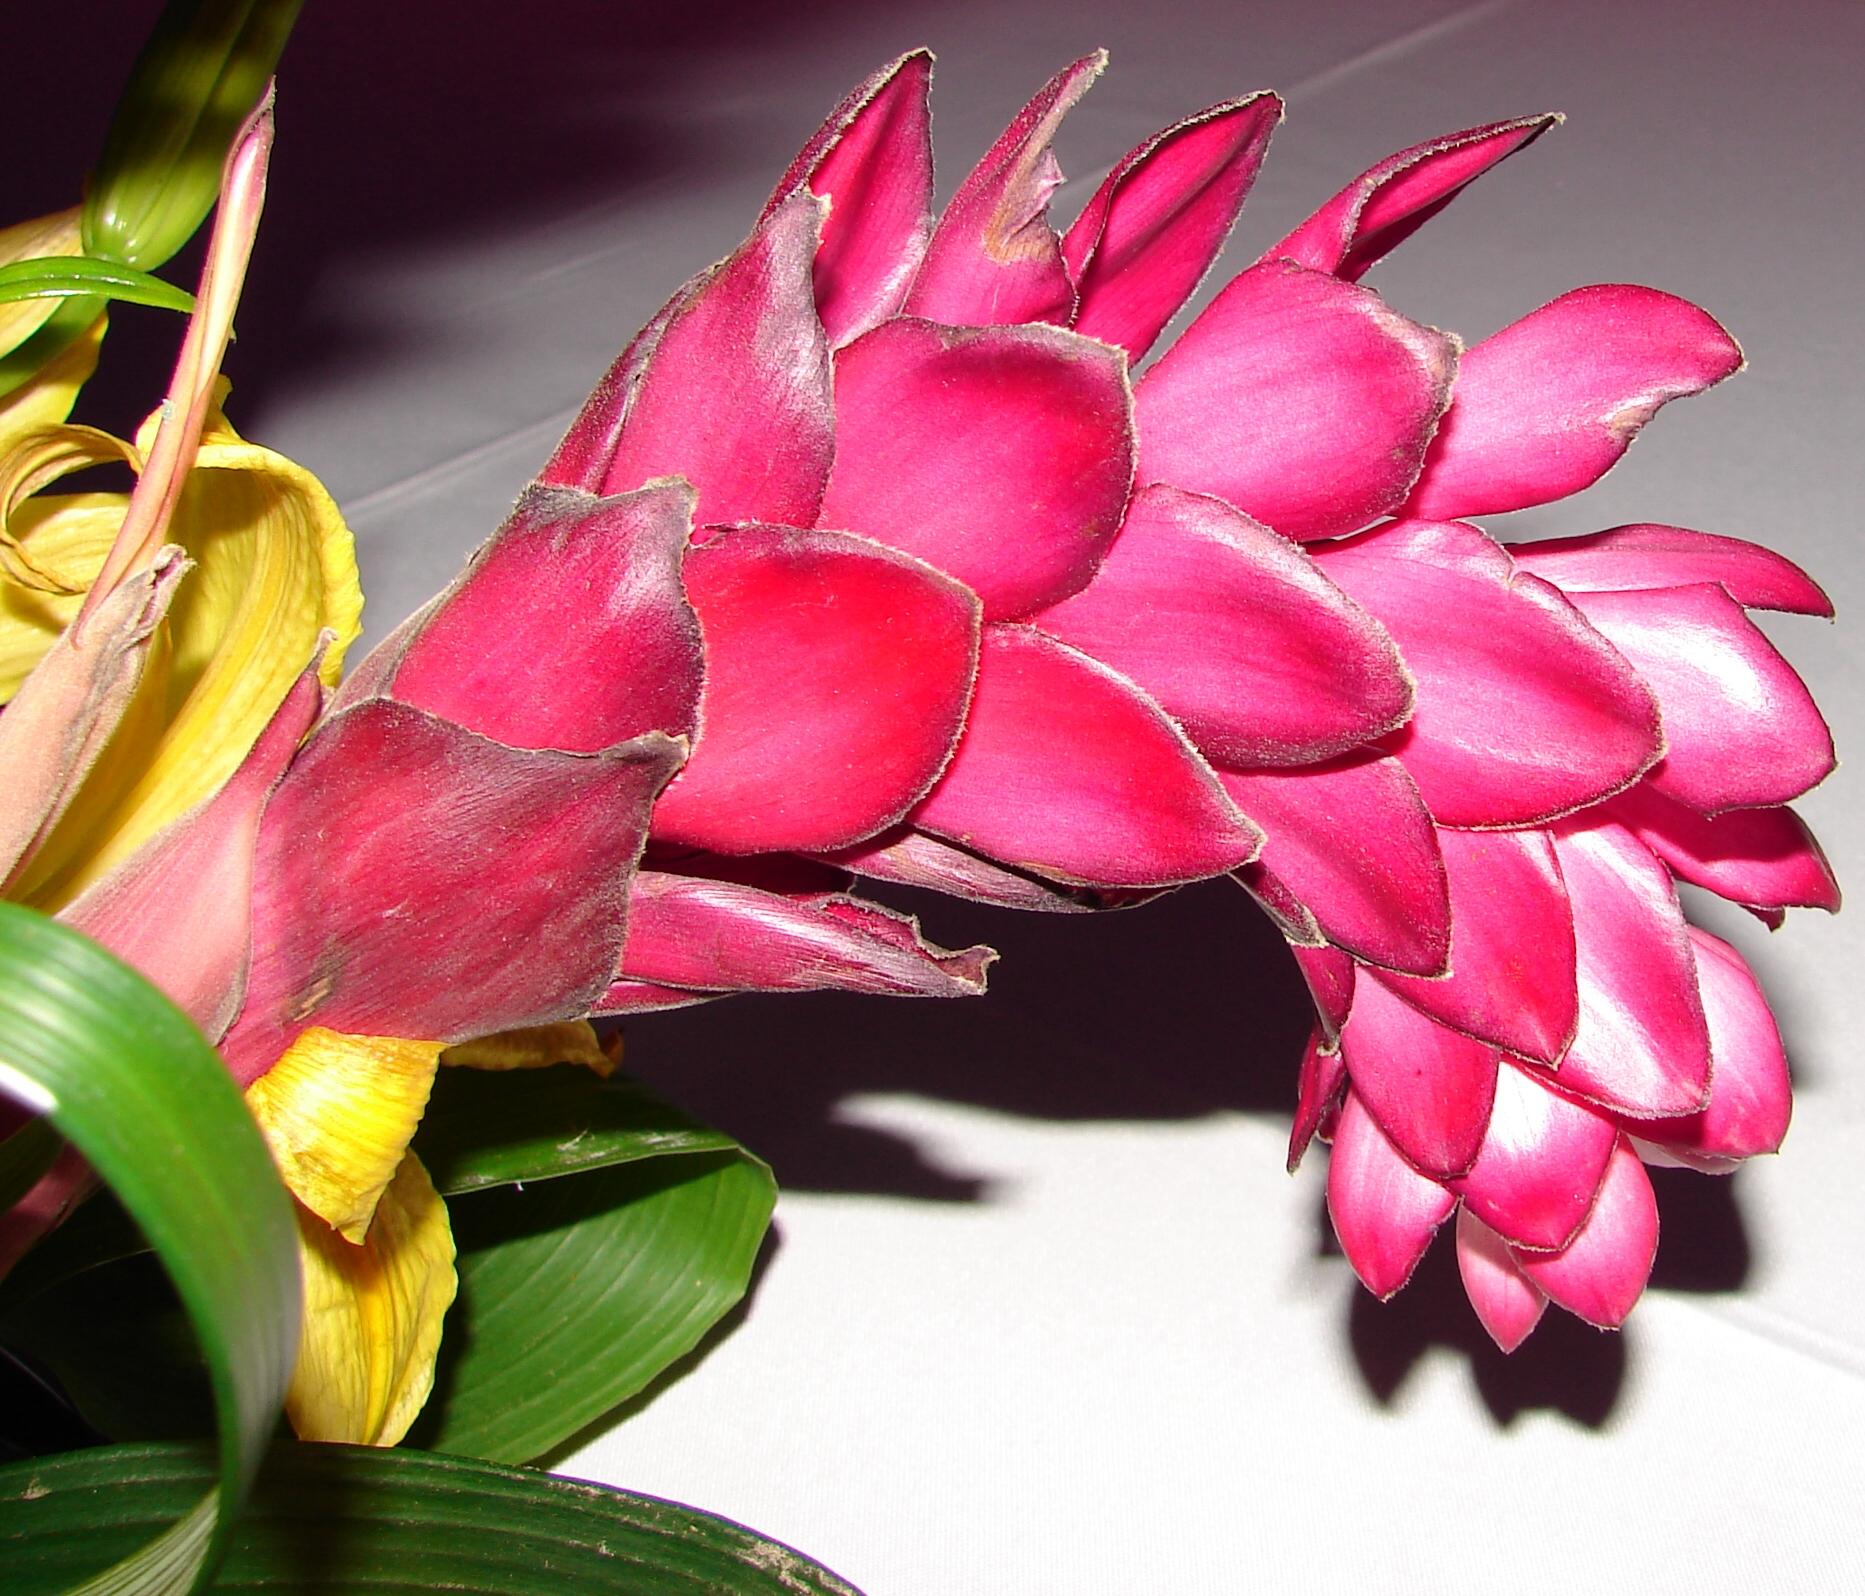 фото экзотических цветов в хорошем качестве звезды скопления